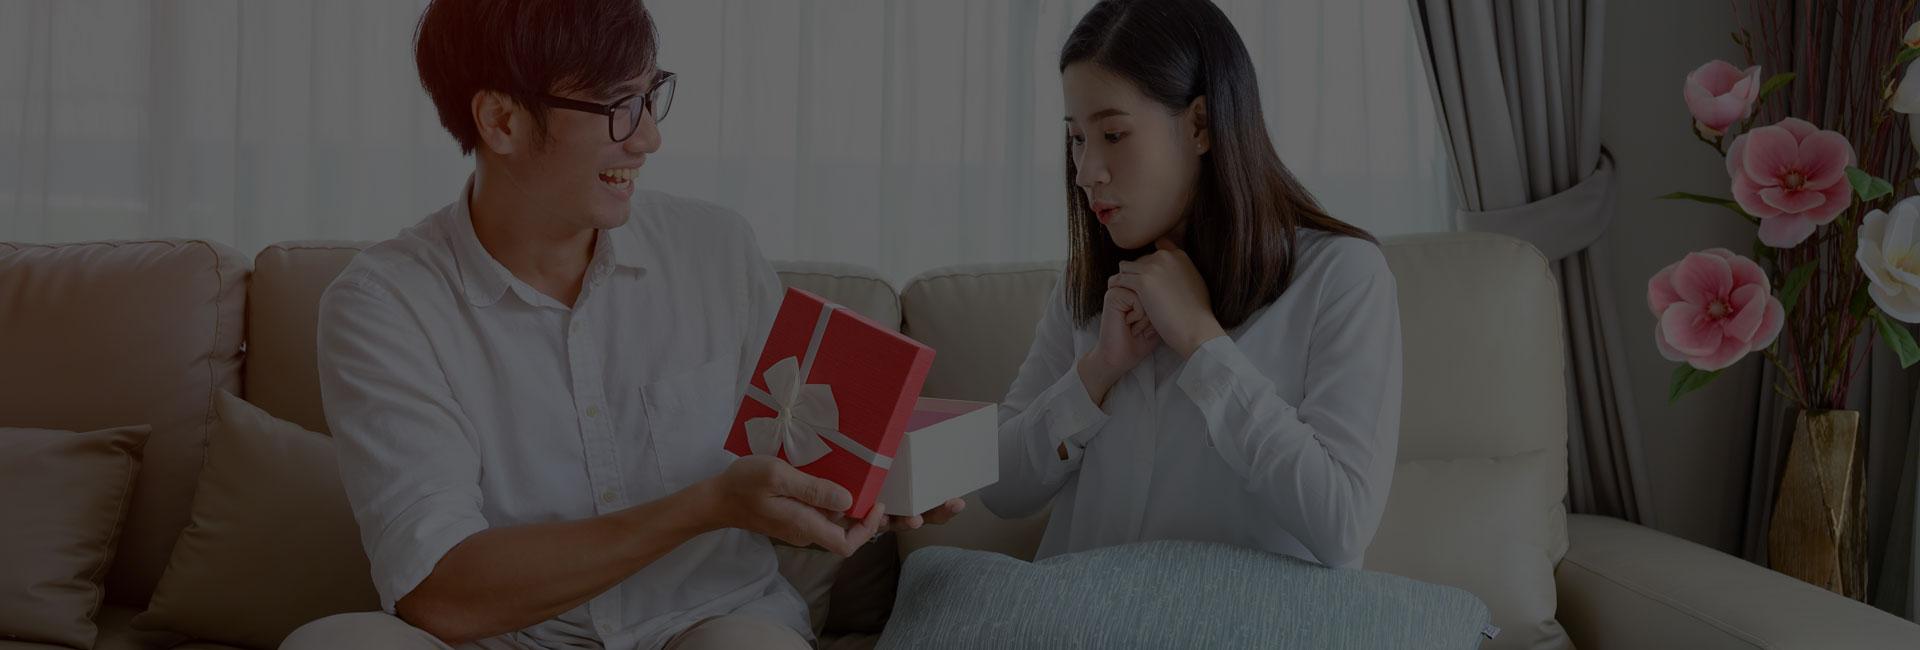 Idées & inspirations cadeaux